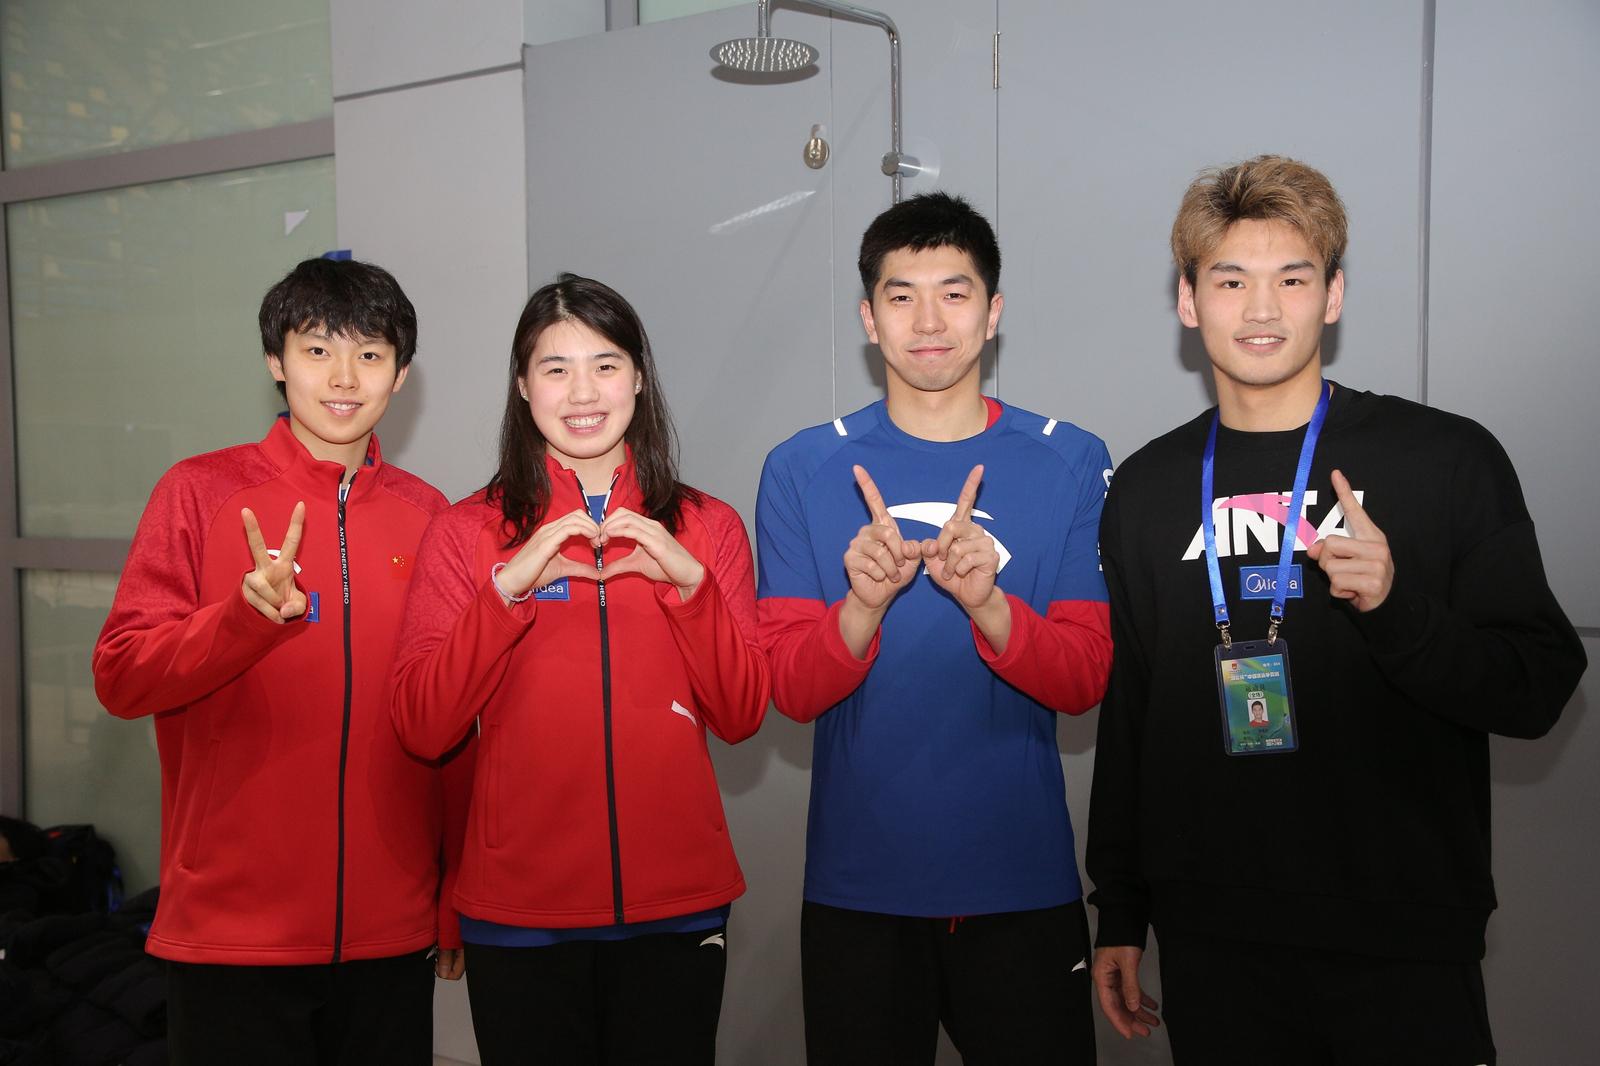 中国游泳争霸赛收官  1500米自由泳李冰洁强势回归